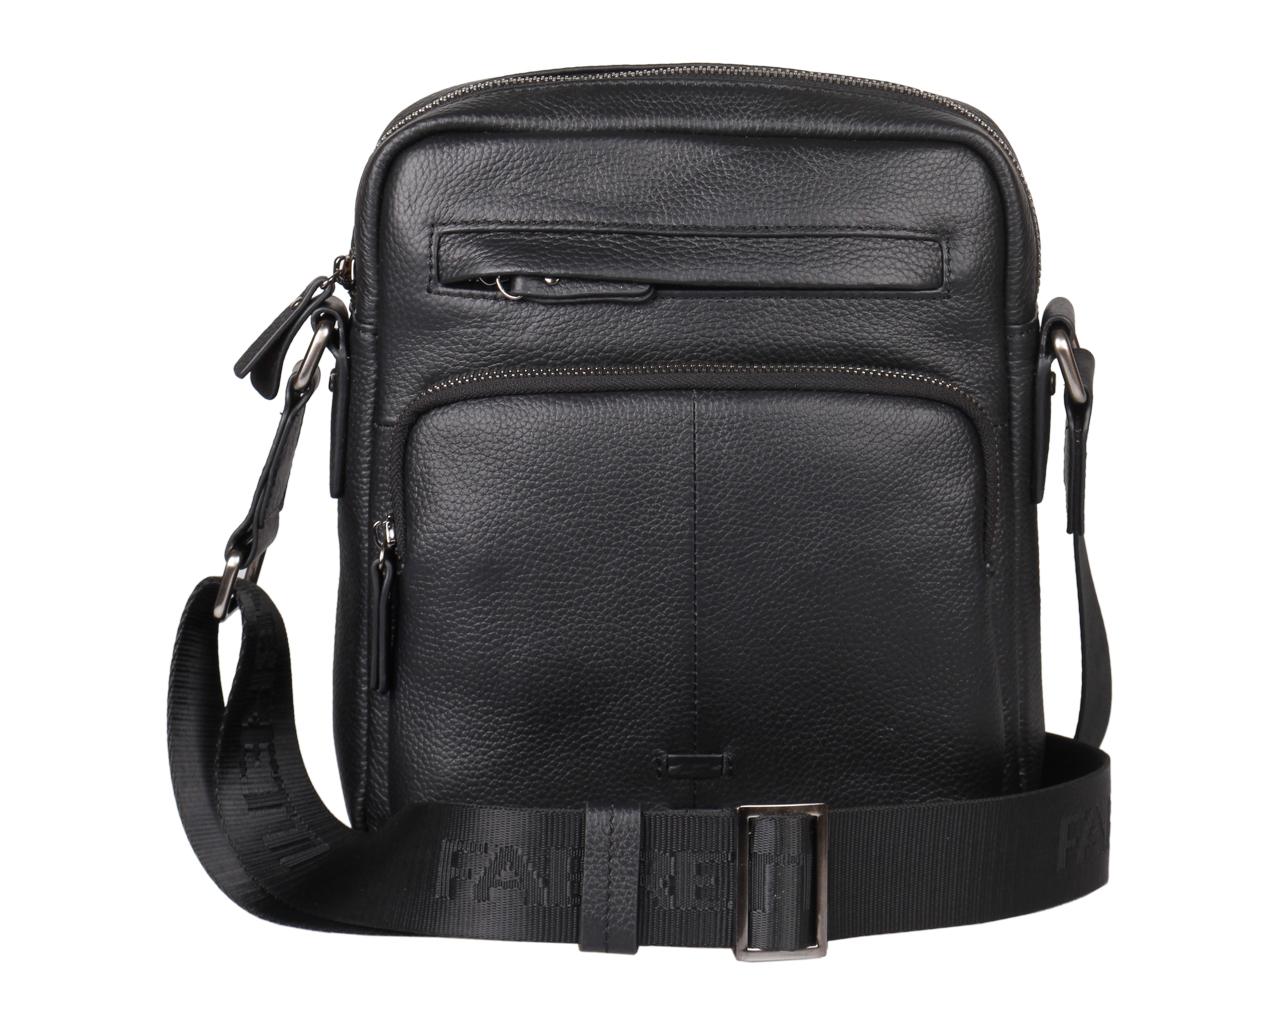 Сумка мужская Fabretti, цвет: черный. 5557FAB8-2Мужская сумка Fabretti выполнена из натуральной кожи с фактурным тиснением. Модель имеет одно основное отделение, которое закрывается на застежку-молнию. Внутри находится накладной открытый карман, прорезной карман на застежке-молнии и два держателя для авторучек. Снаружи, на передней стенке расположены прорезной и накладной карманы на застежках-молниях, на задней стенке - накладной карман на магнитной кнопке.Изделие оснащено текстильным плечевым ремнем, который регулируется по длине. Изделие упаковано в текстильный фирменный чехол для хранения. Этот стильный аксессуар станет изысканным дополнением к вашему образу.